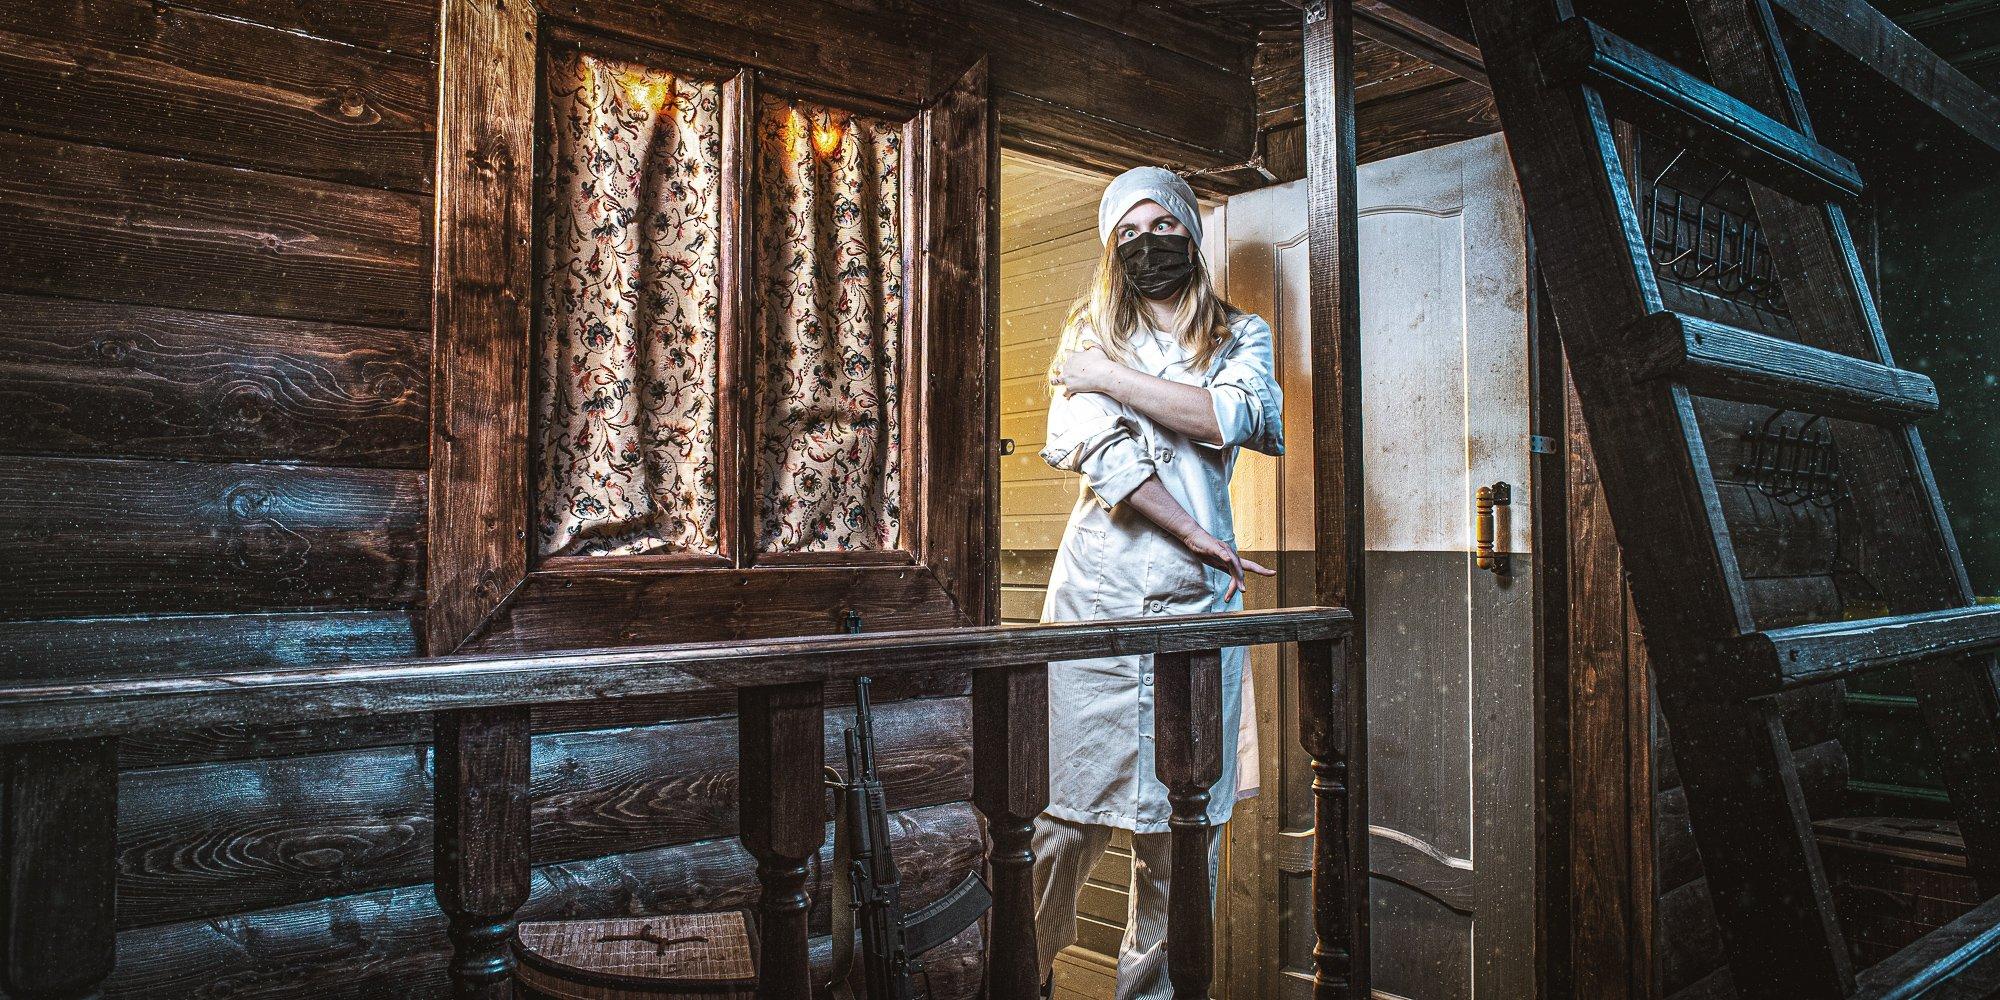 Квест с актерами в Москве Точка невозврата